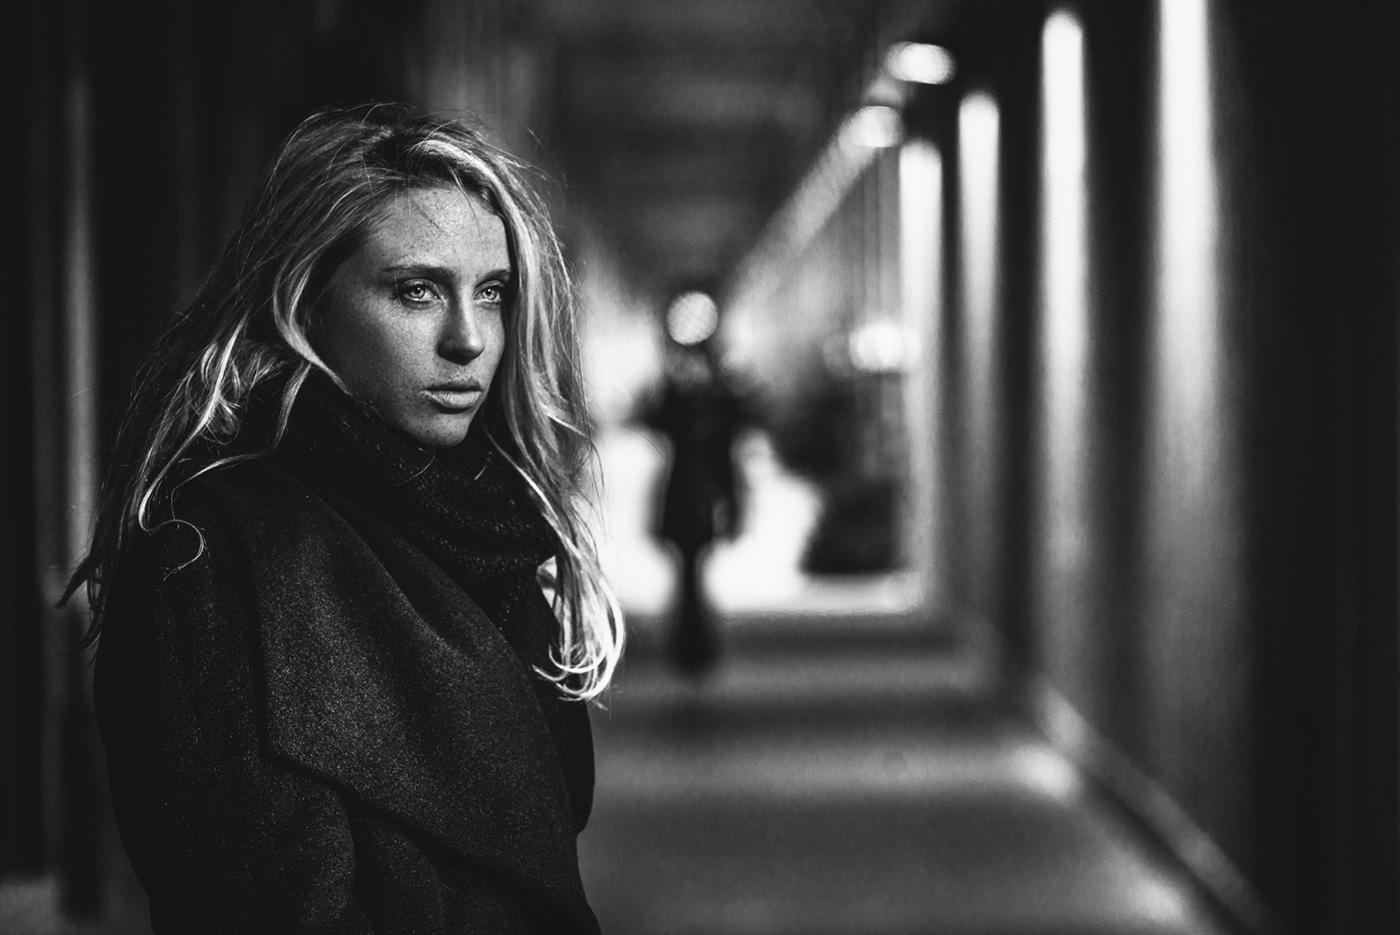 ophélie shesimne,julien jegat,black and white,noir et blanc,Photographie,portrait,Paris